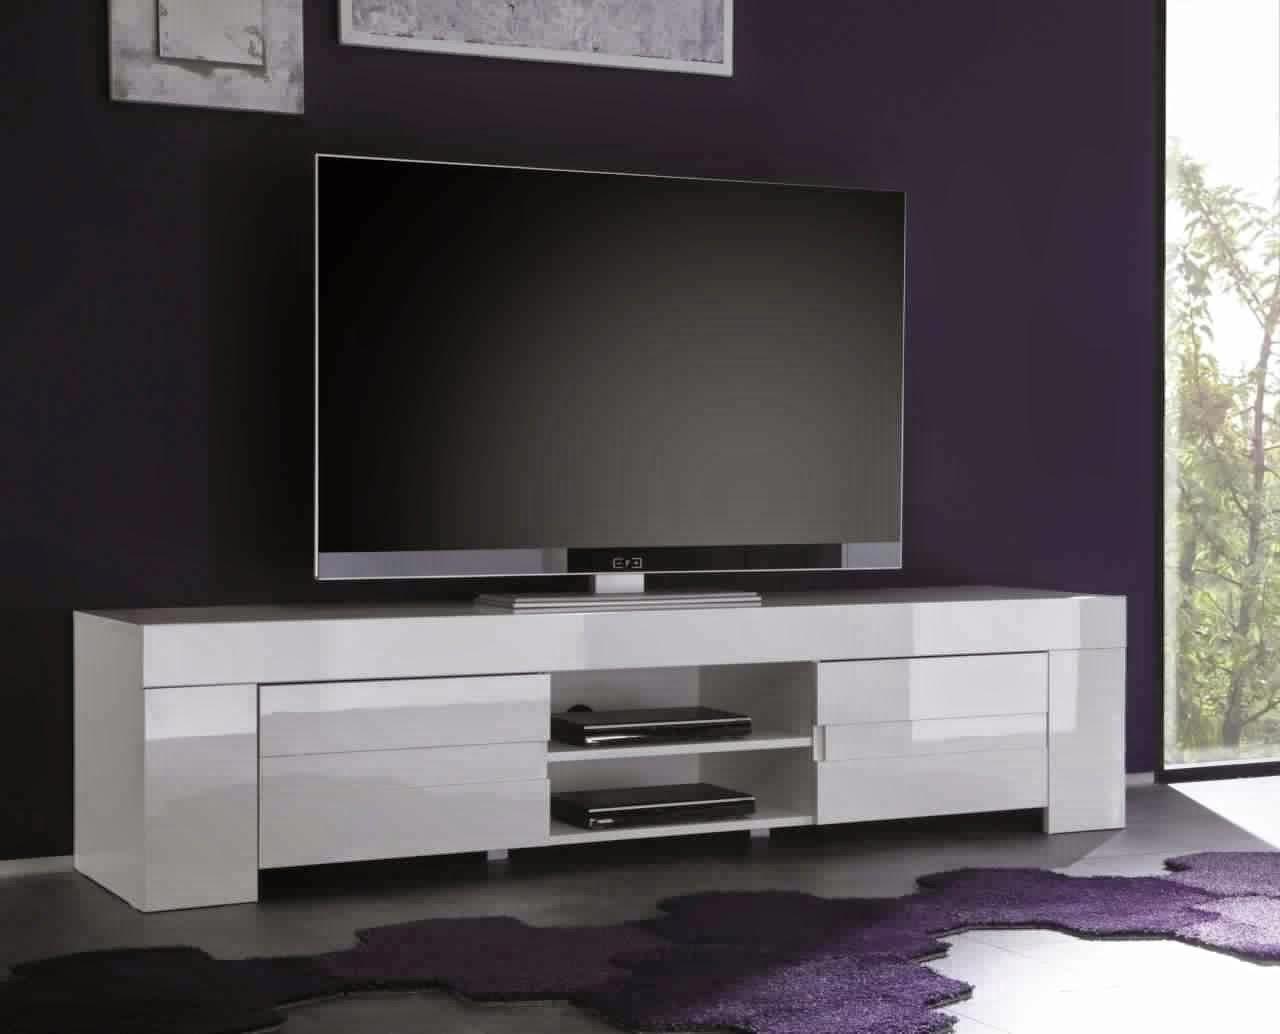 Meuble Tv Archives Page 144 Sur 155 Mobilier Design  # Meuble Tv Avec Parpaing